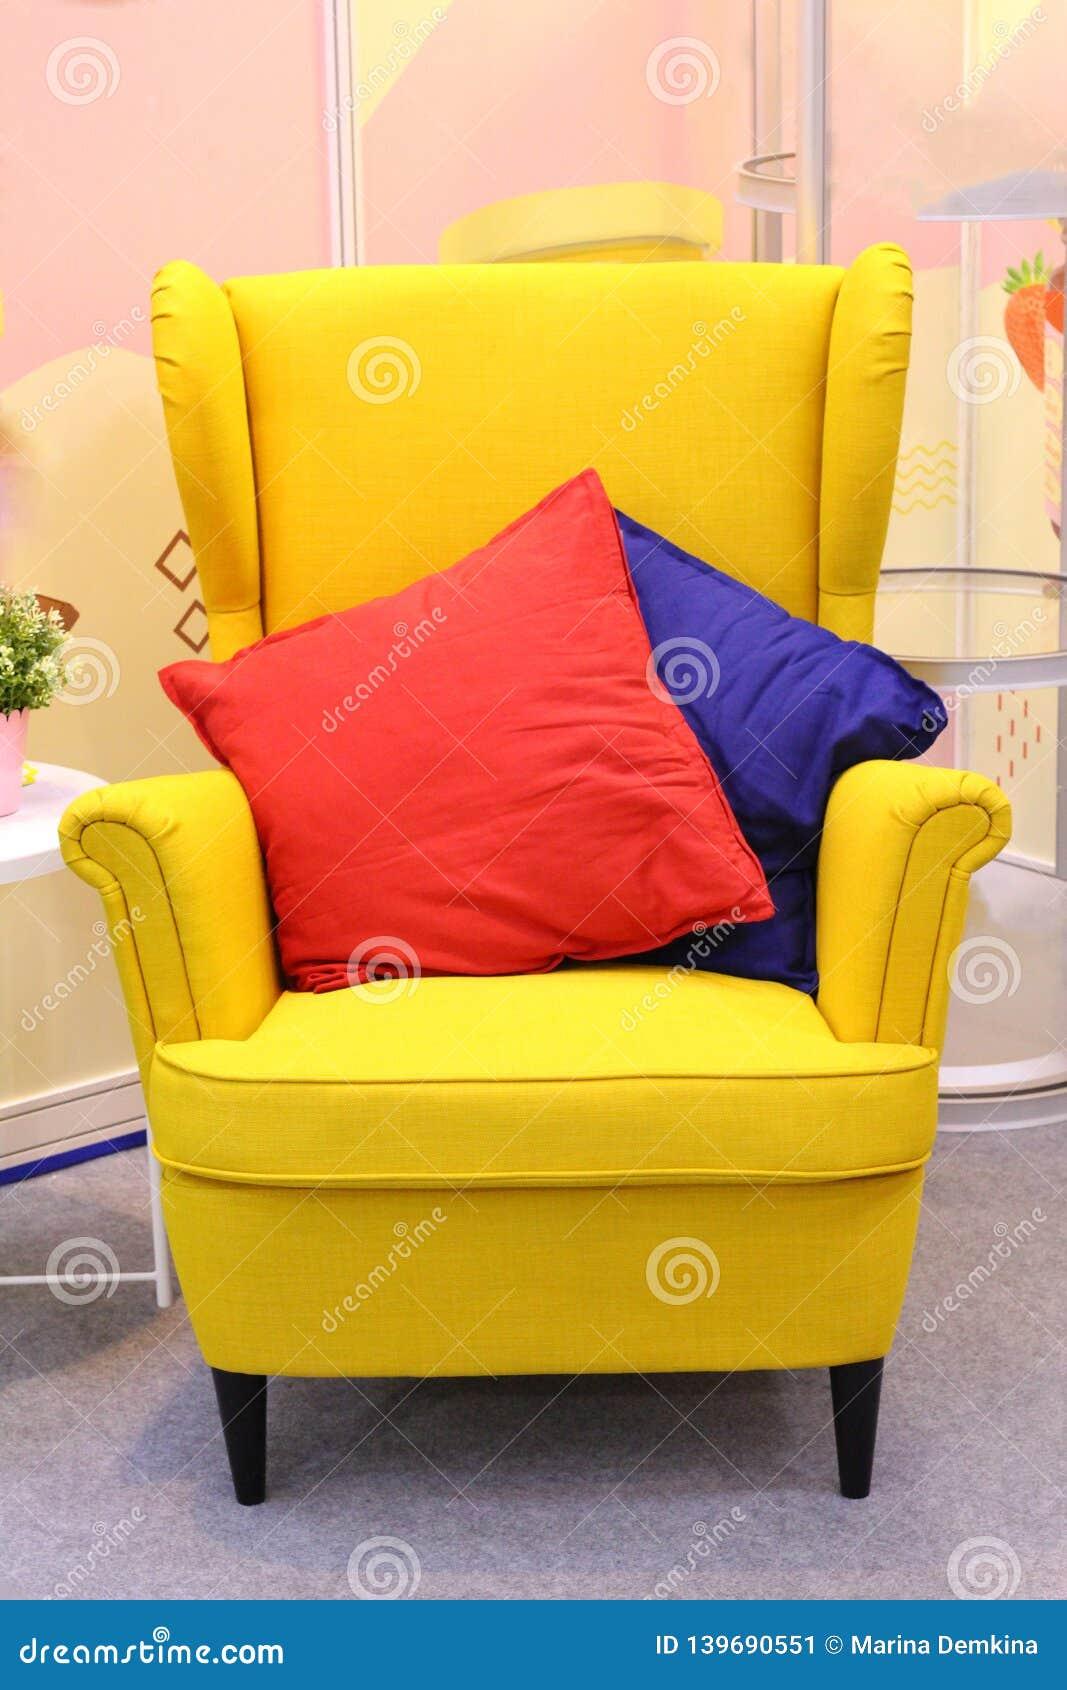 В центре яркое желтое кресло, с 2 подушками на ем - красный и голубой